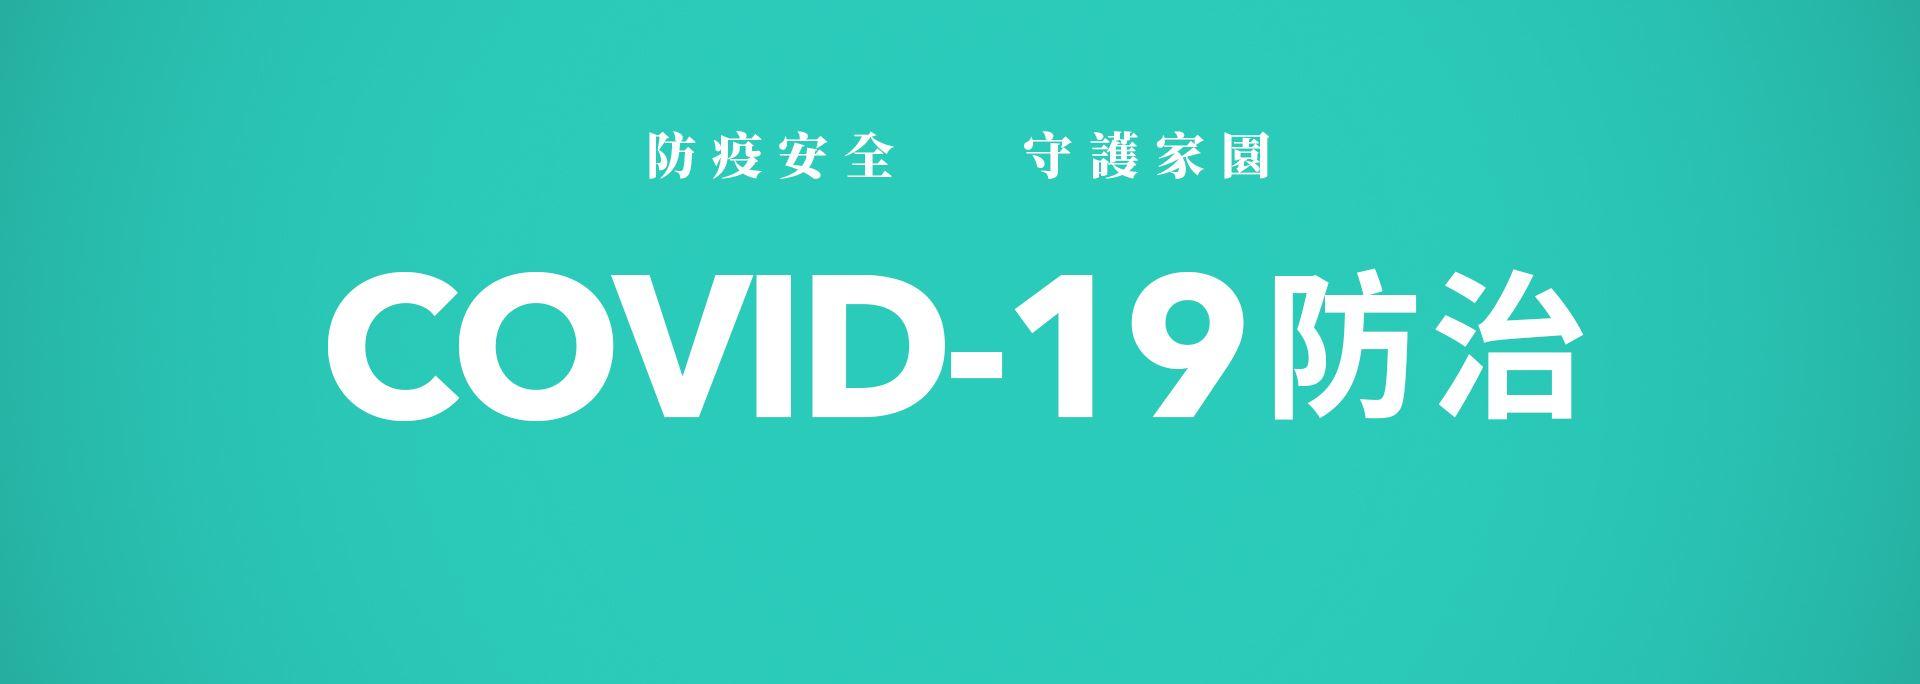 [開啟新視窗]COVID-19防治